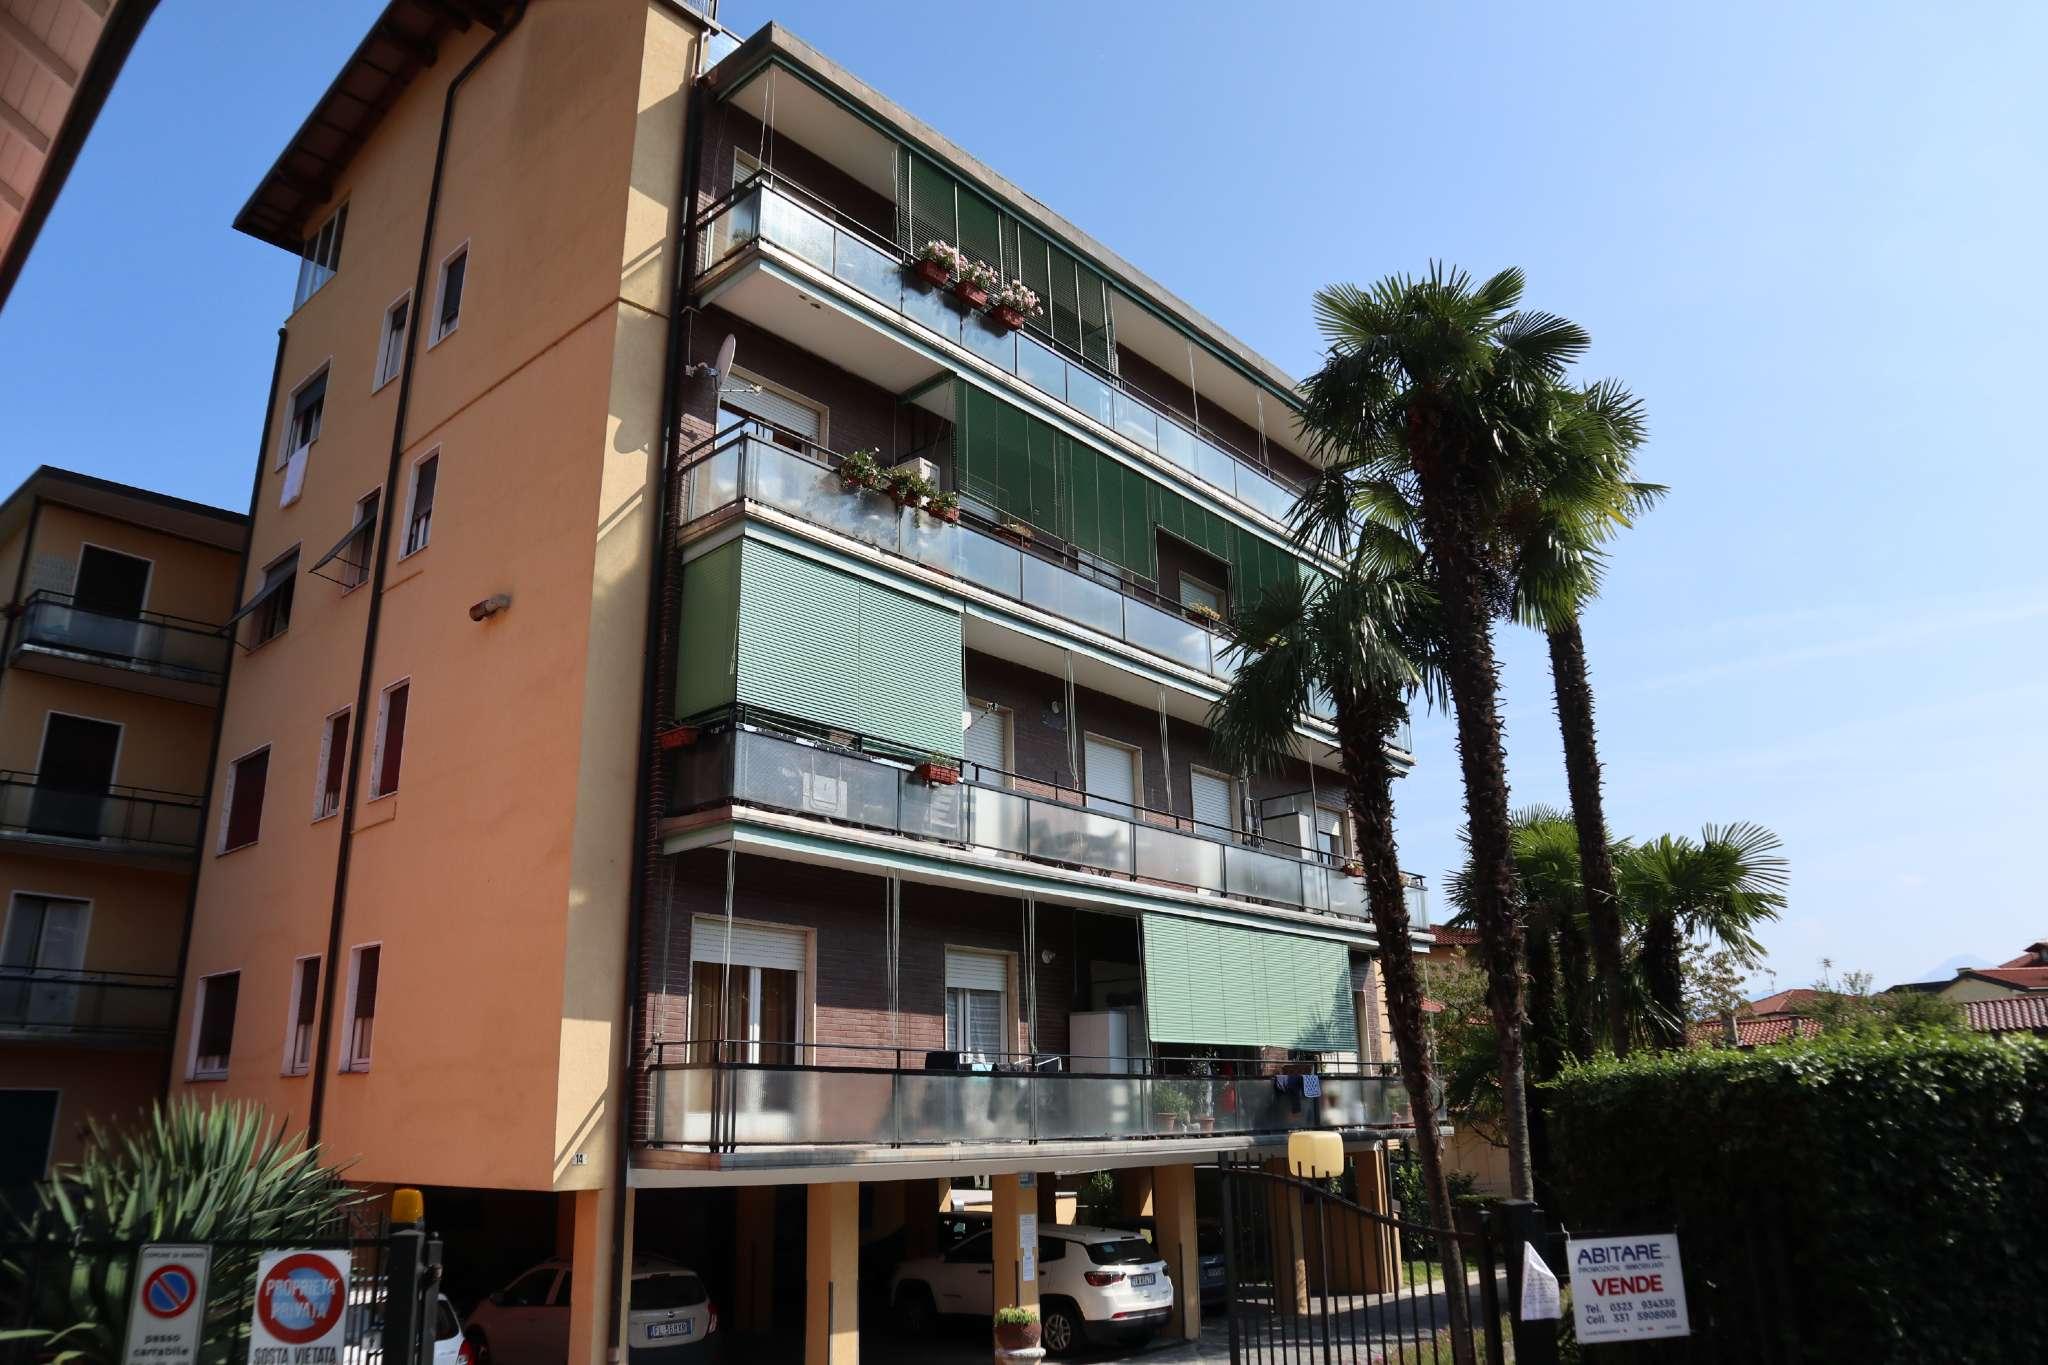 Appartamento in Affitto a Baveno: 3 locali, 100 mq